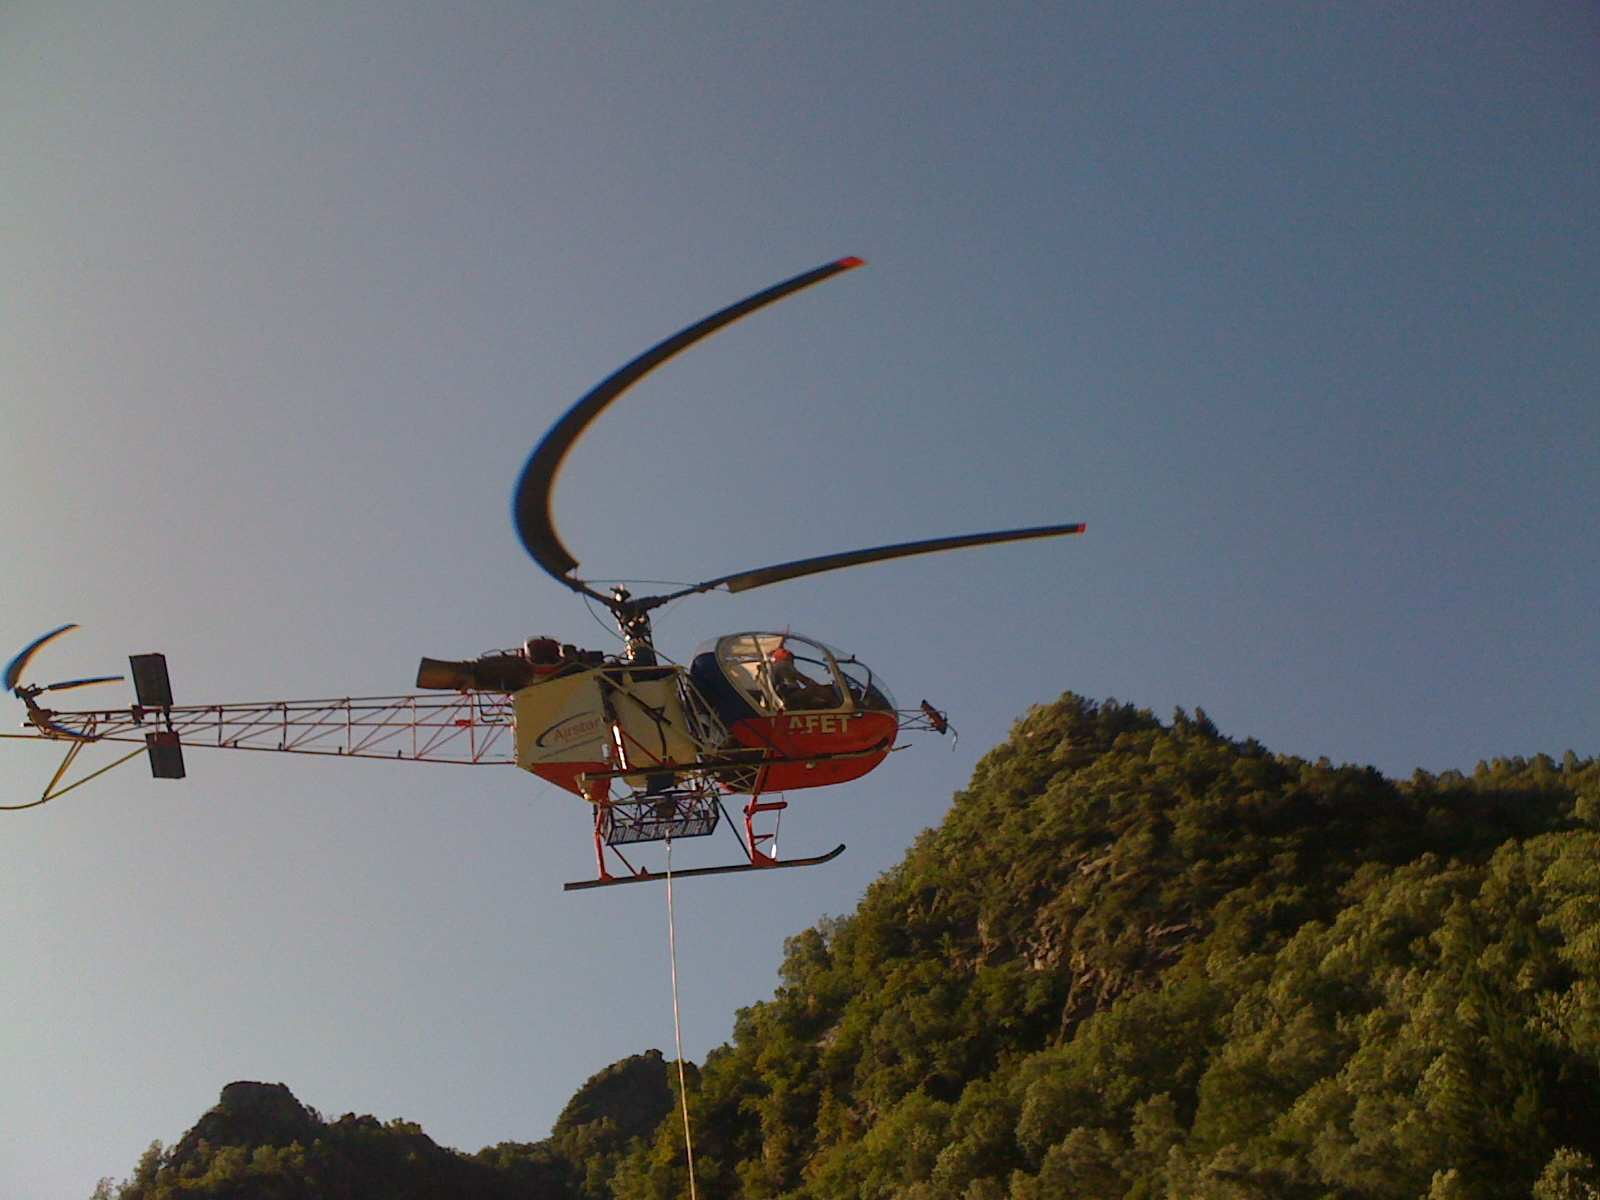 Elicottero 5 Pale : Un elicottero fotografato da iphone italia